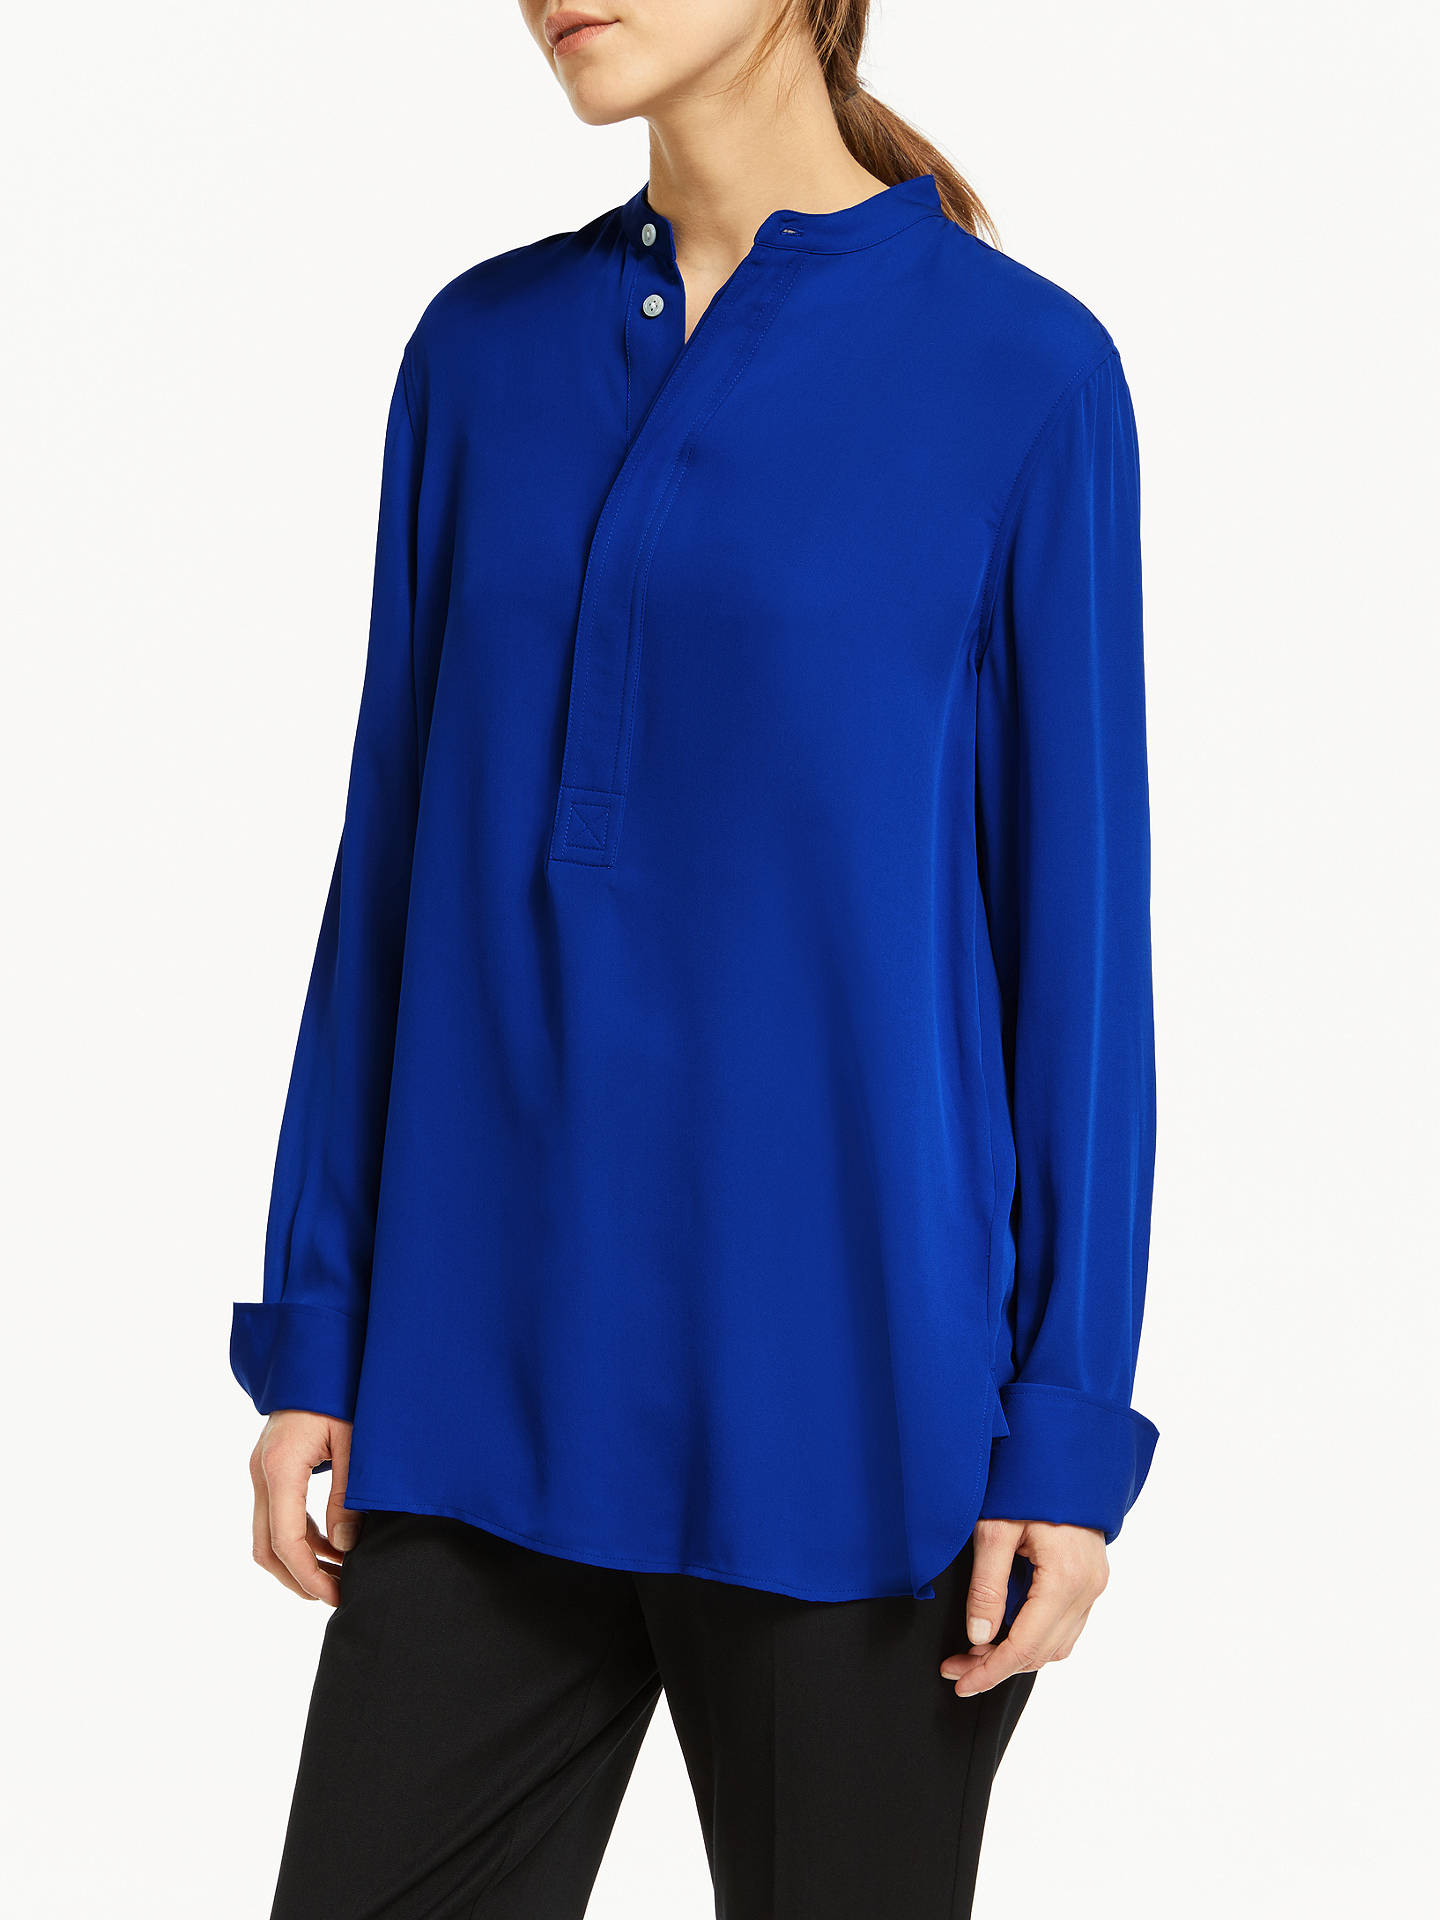 28673c9fcf0 Polo Ralph Lauren Desra Silk Shirt at John Lewis   Partners